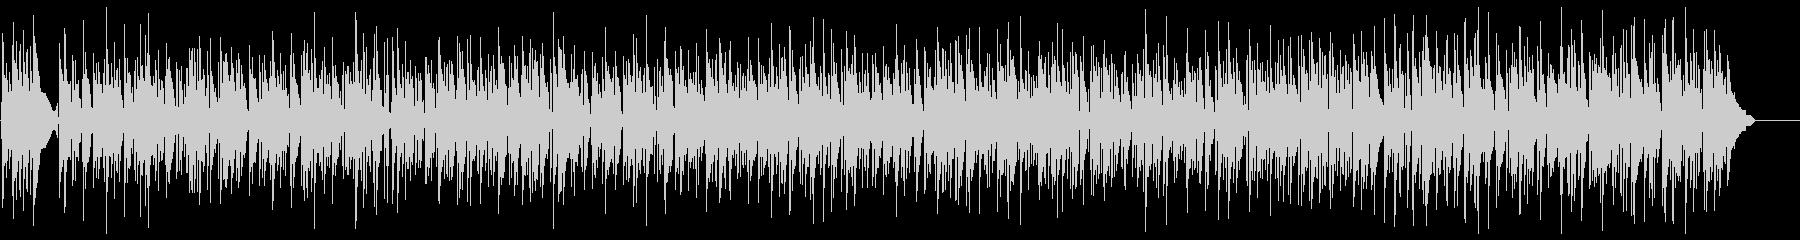 アダルトでムーディなピアノジャズの未再生の波形